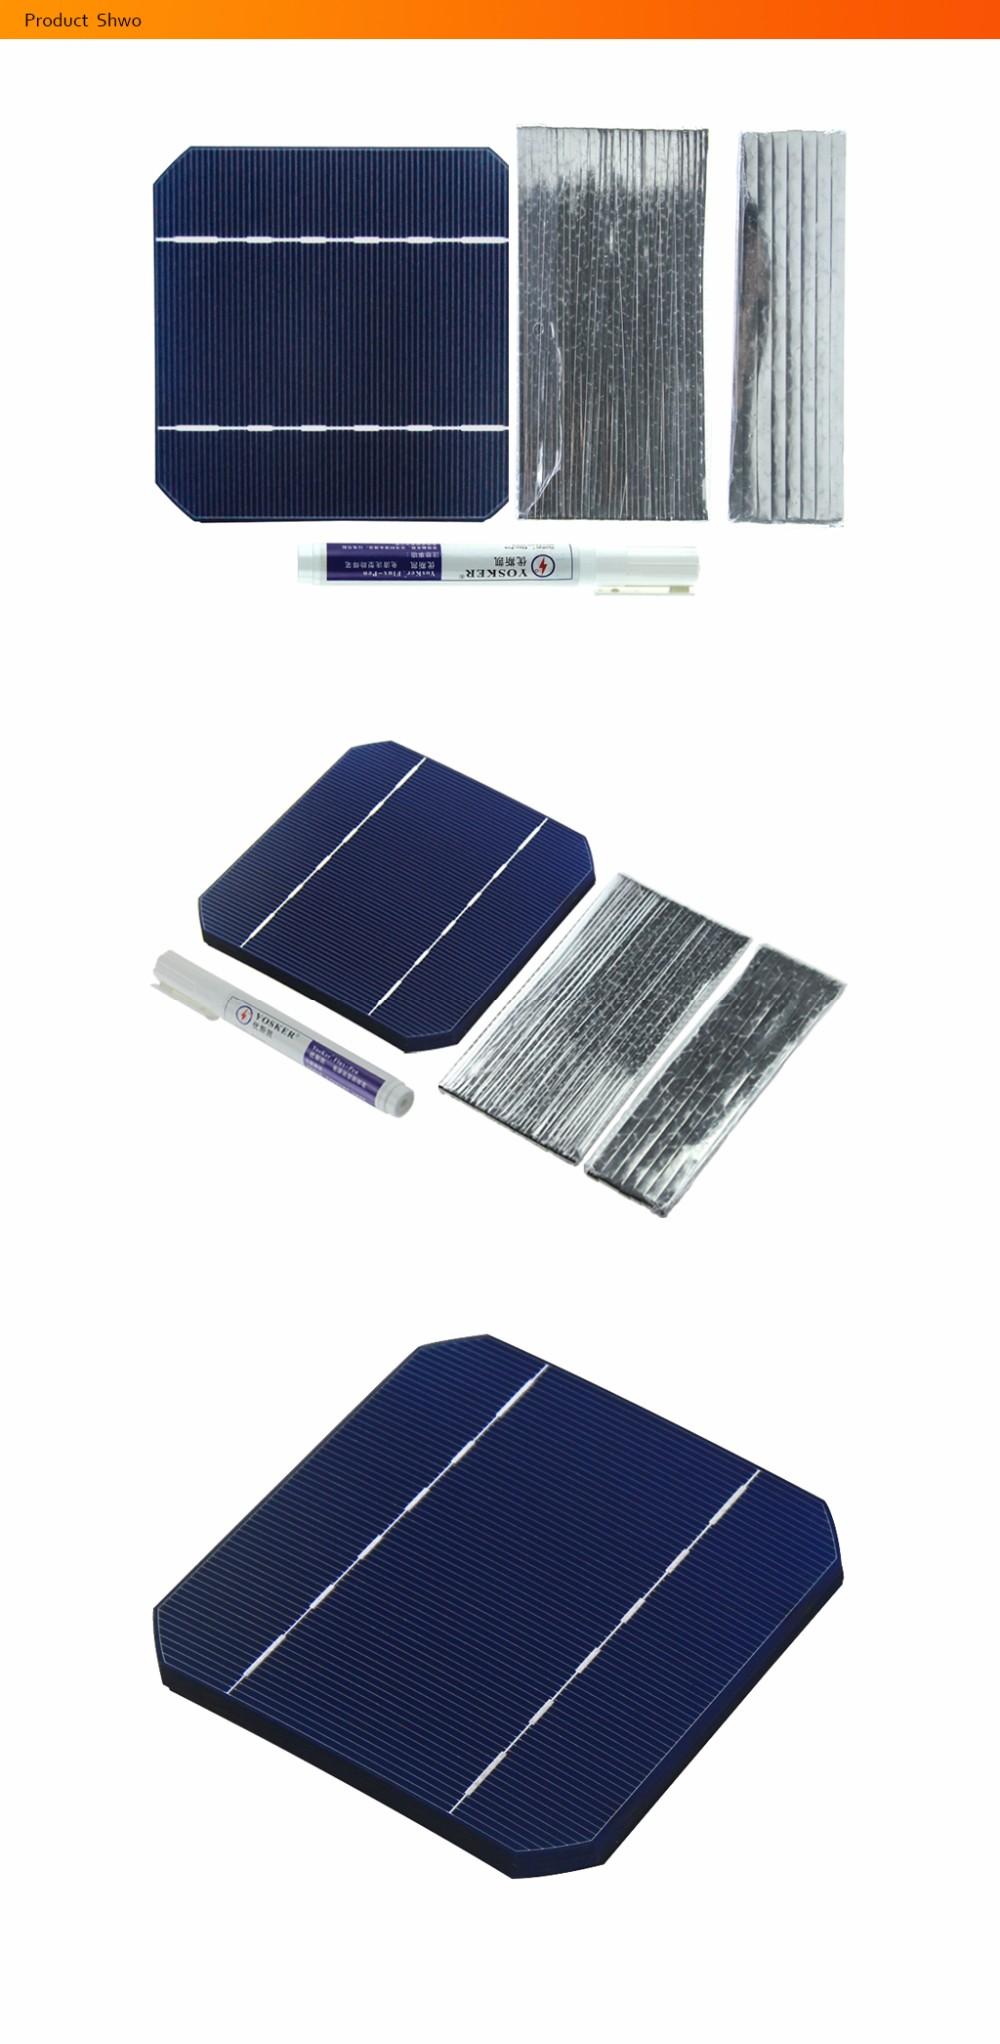 Solar cell kit1